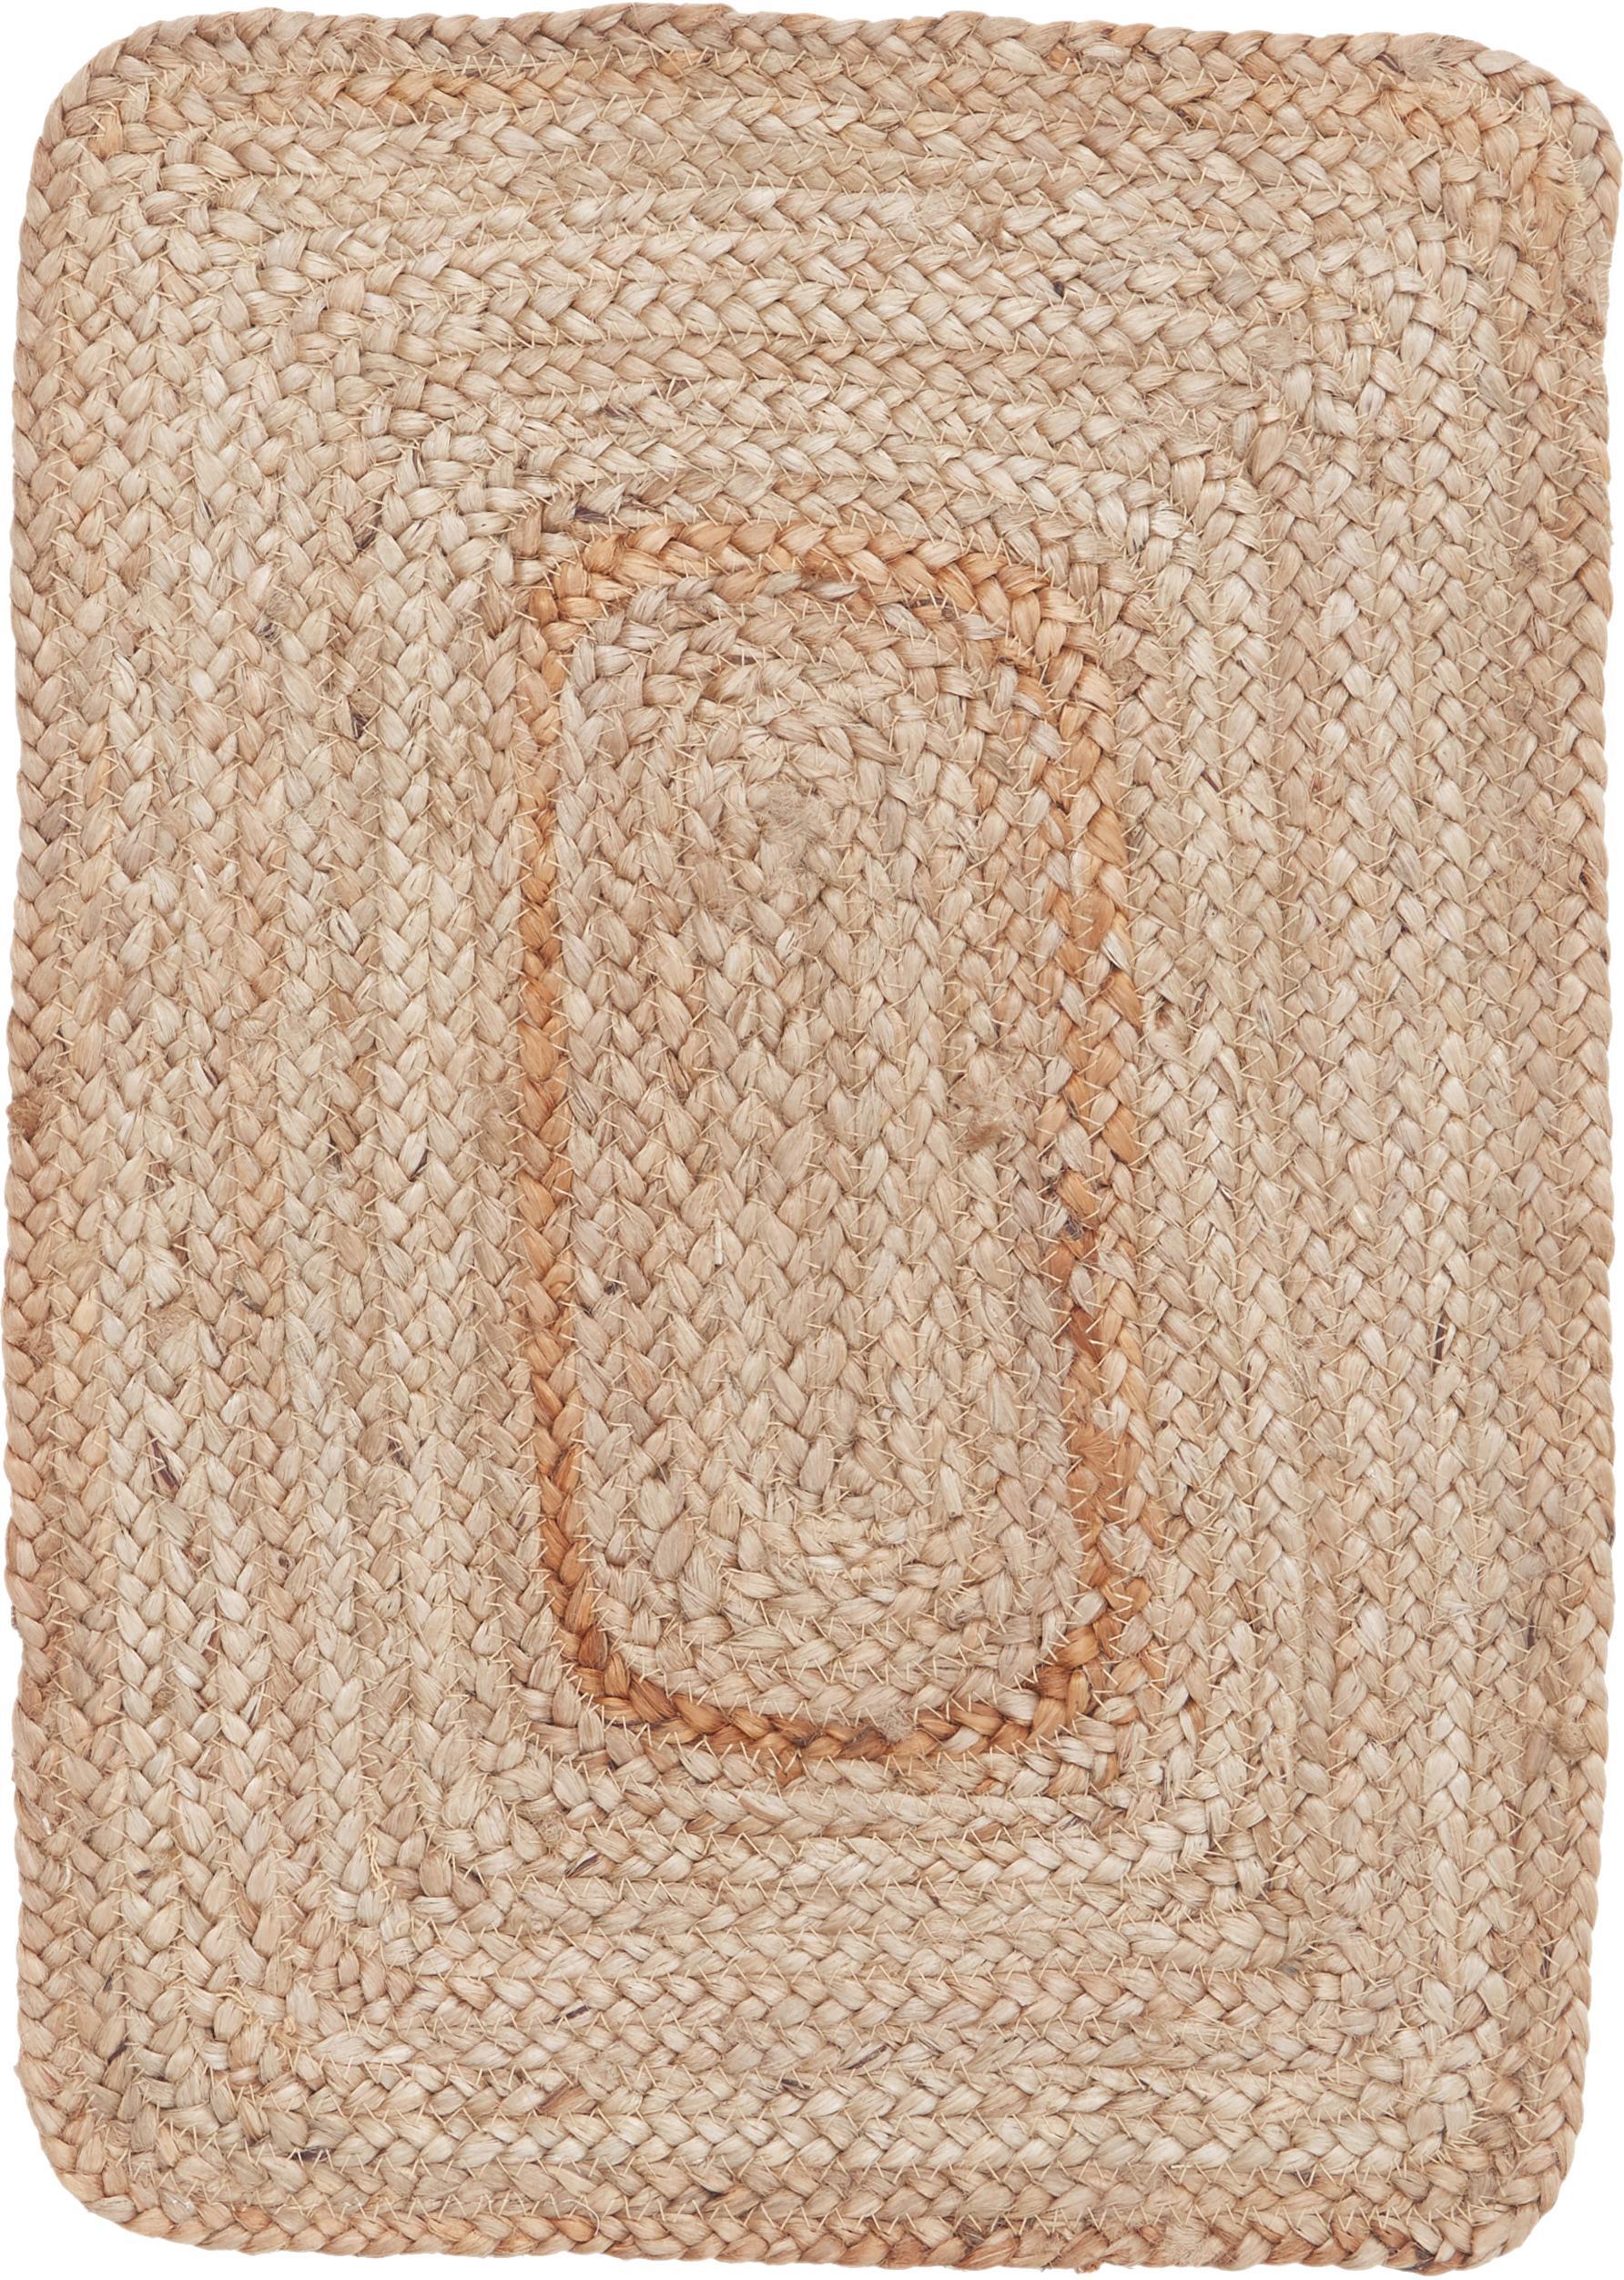 Manteles individuales de yute Ural, 2uds., Yute, Yute, An 35 x L 50 cm